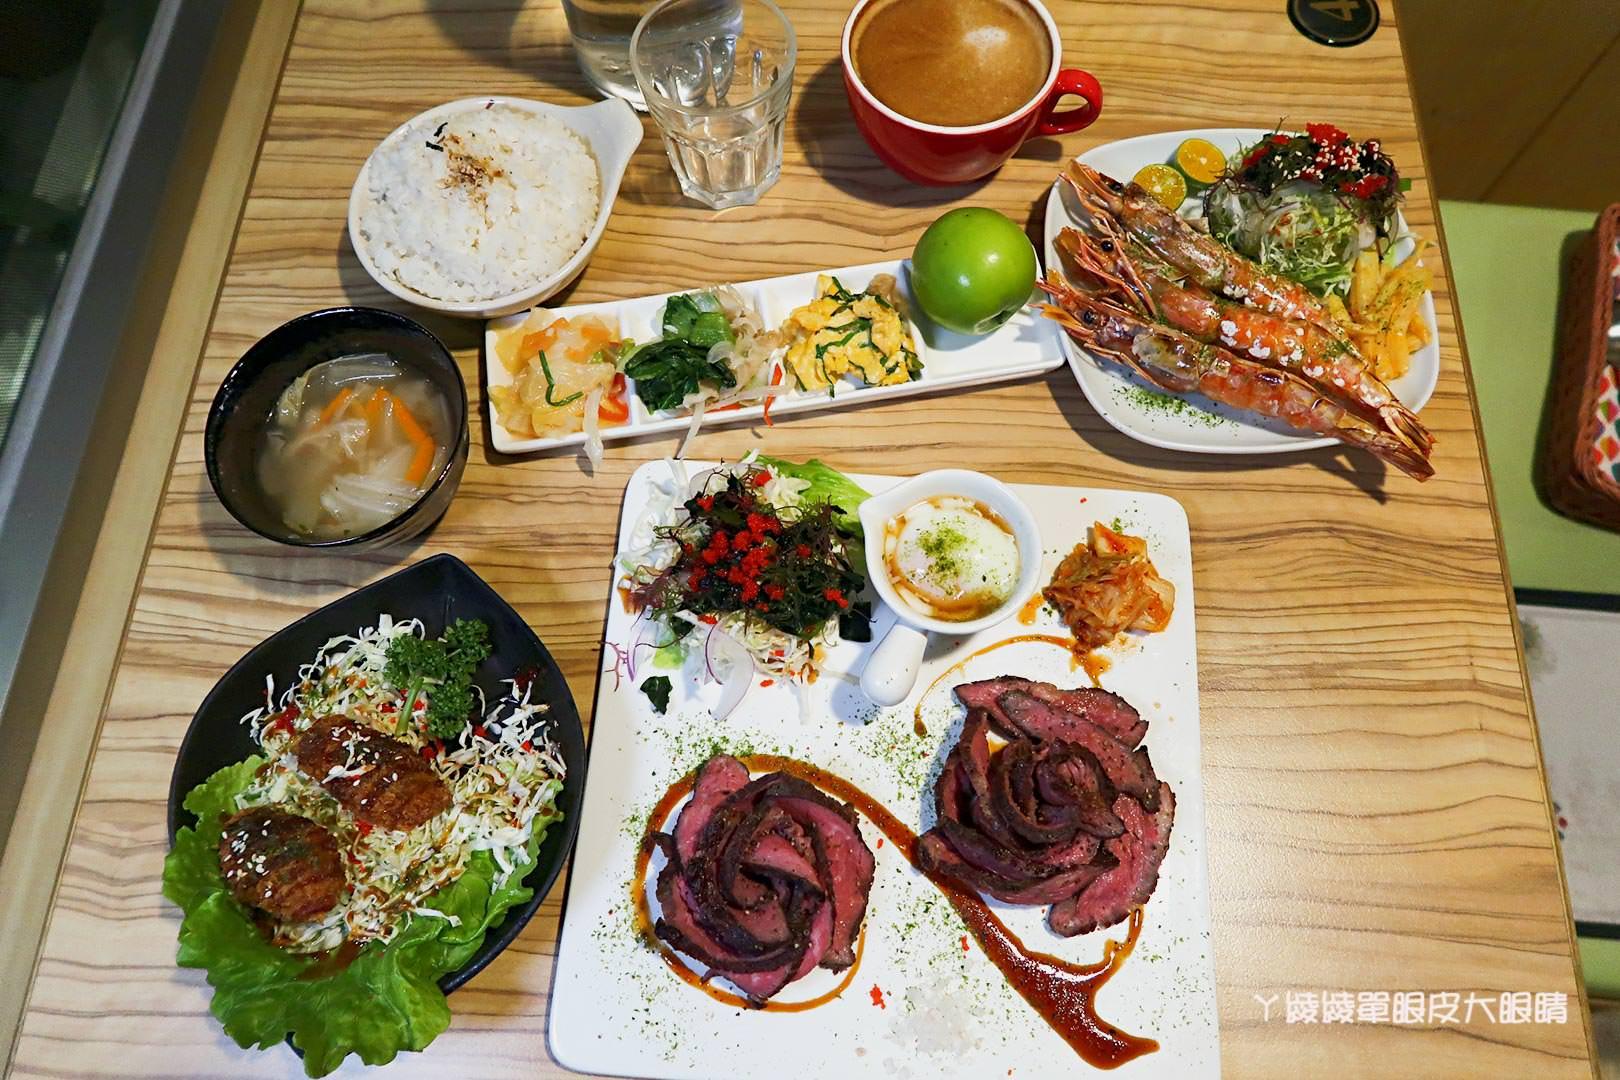 台北捷運中正紀念堂站 隱藏版閣樓在晴天廚房!平價美食推薦